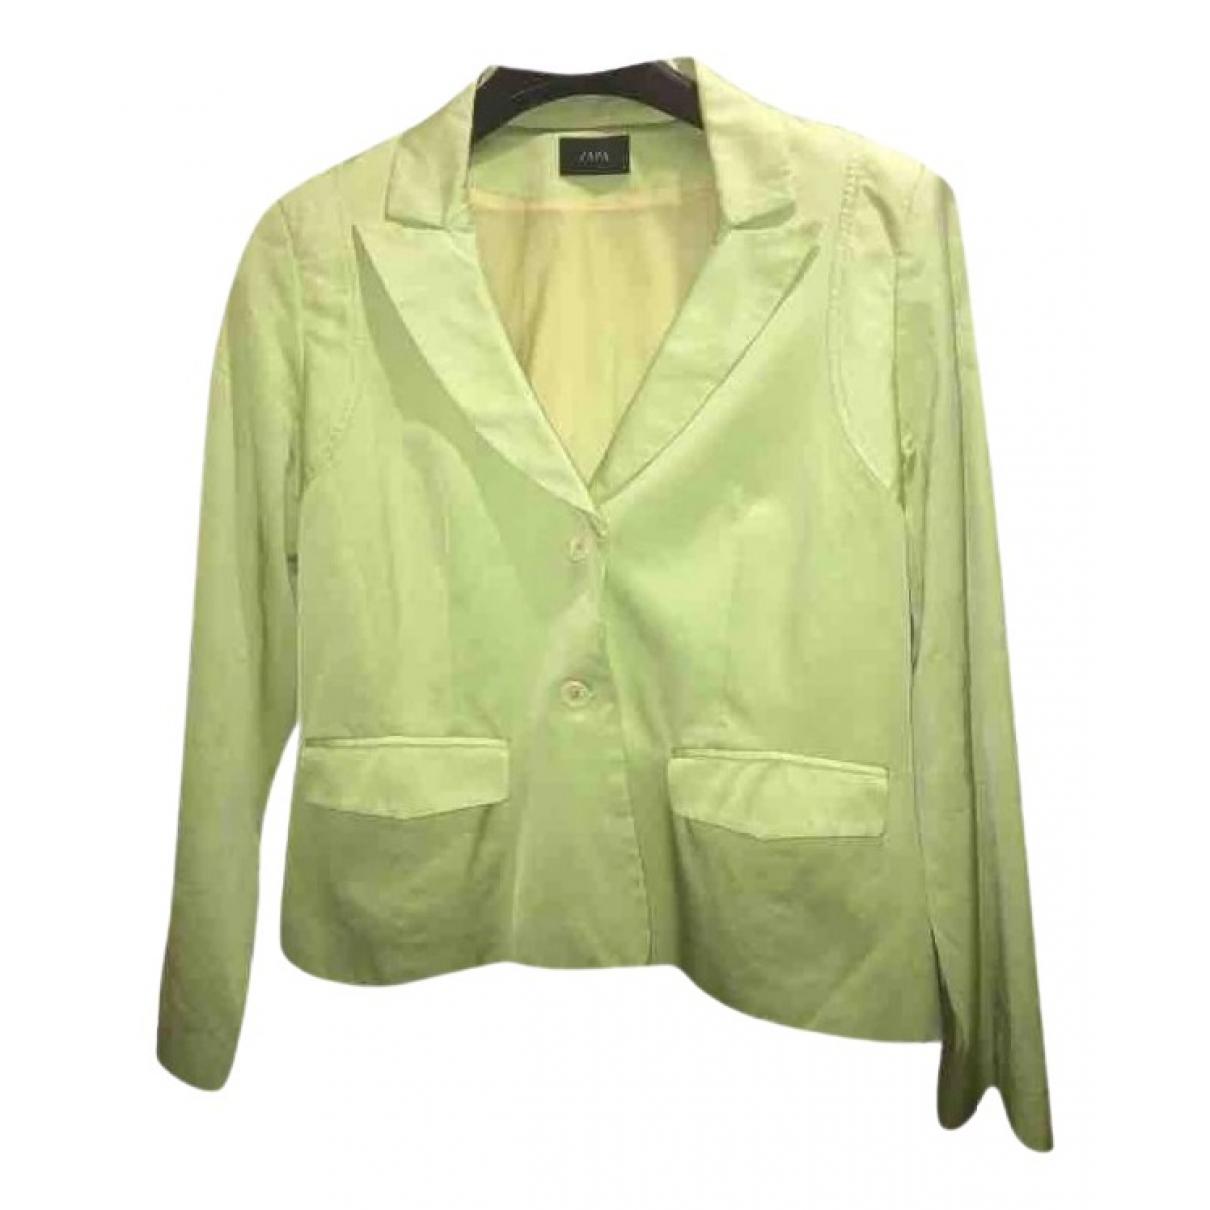 Zapa \N Green jacket for Women 44 FR